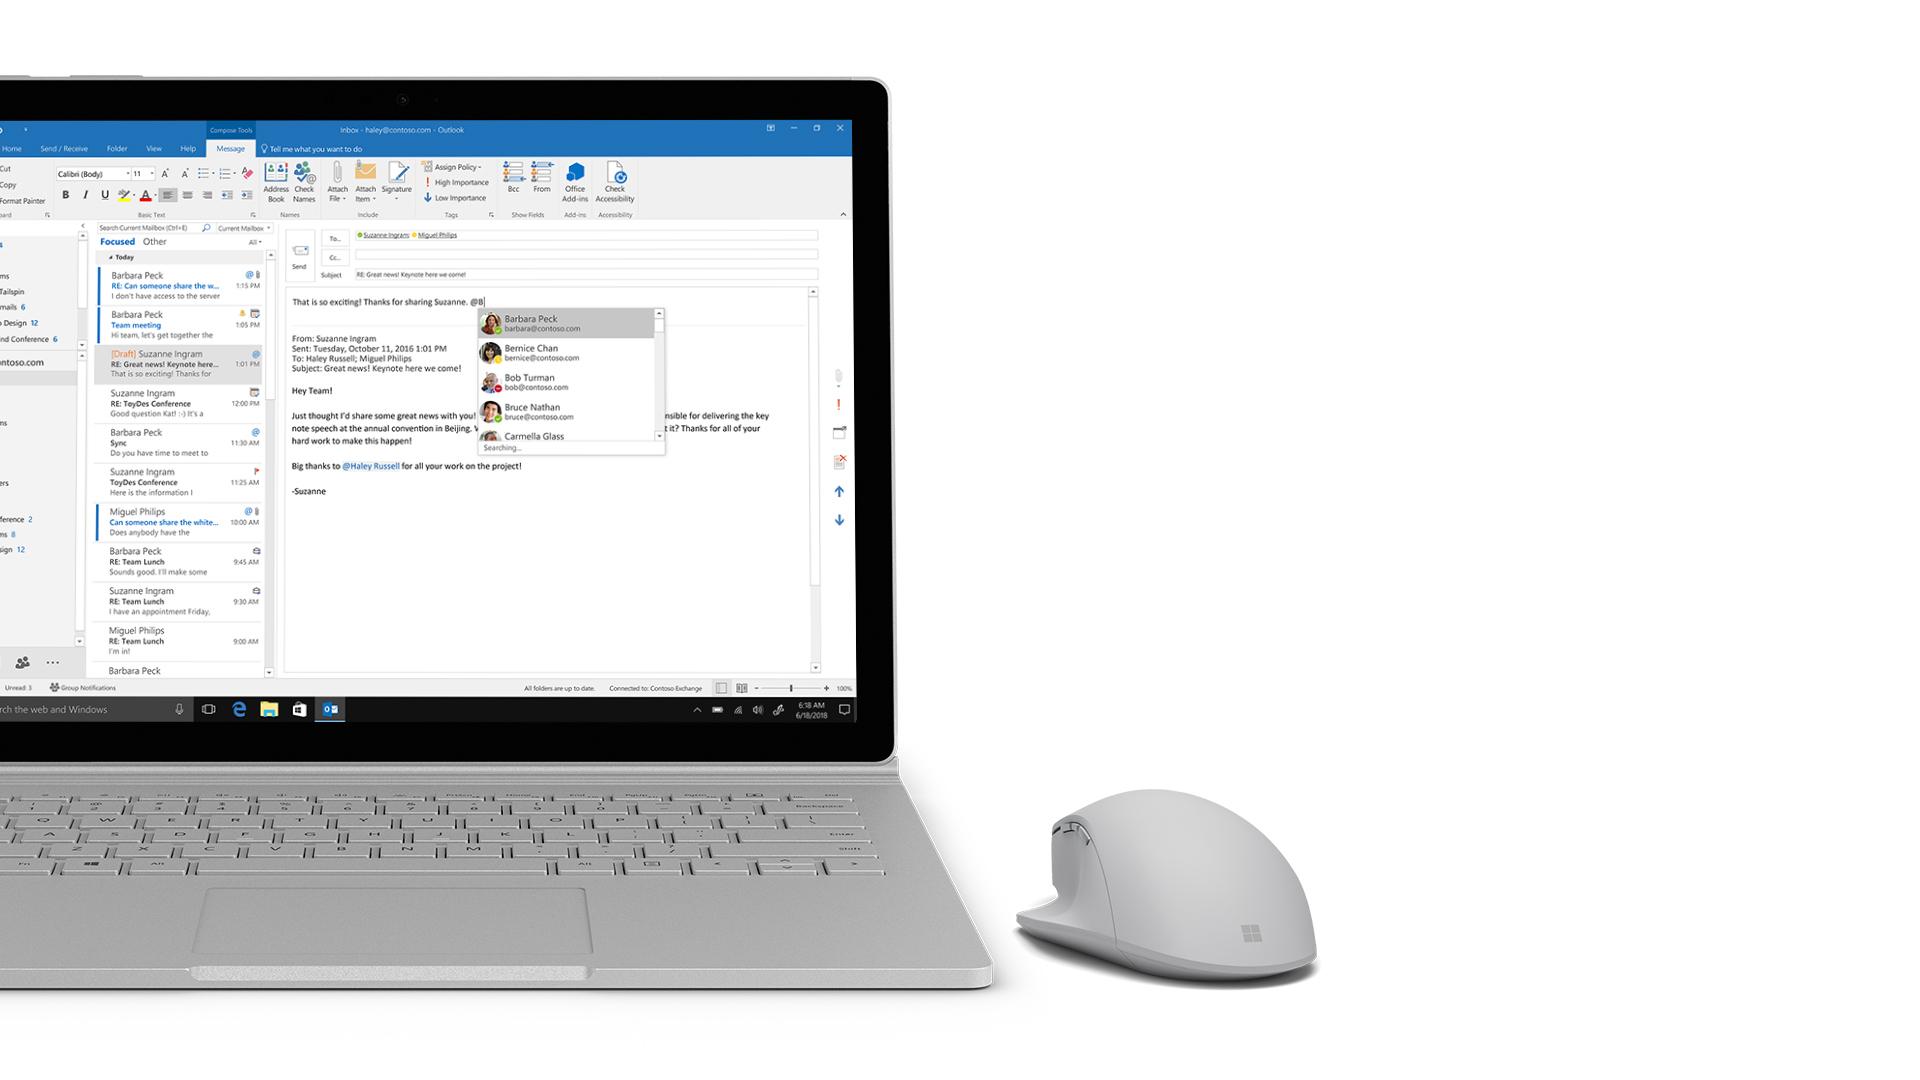 Outlook-skærmbillede på Surface.